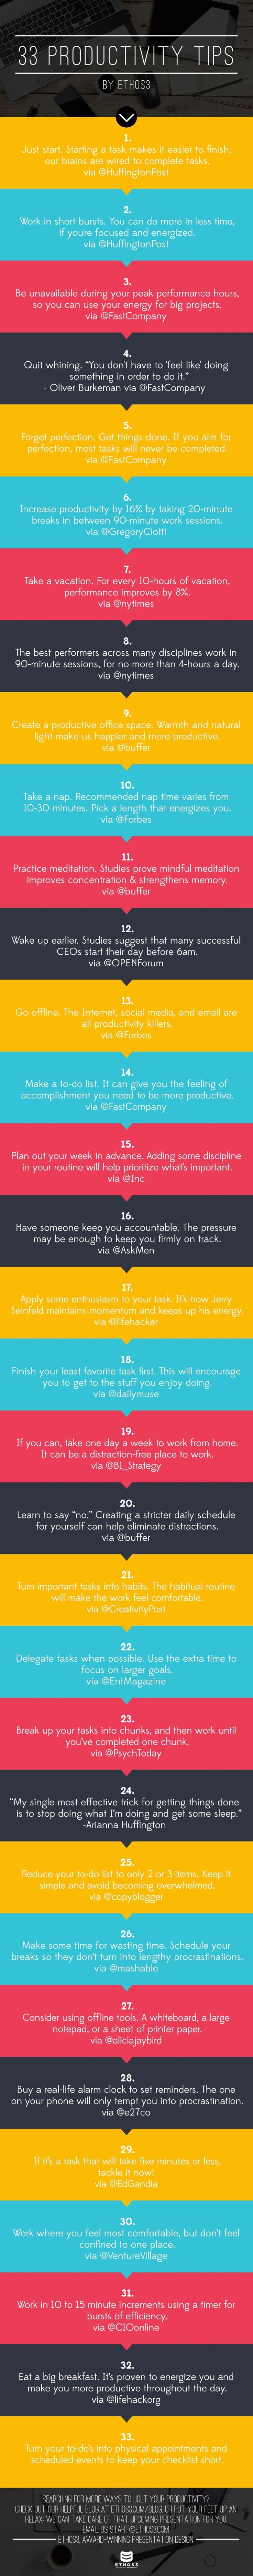 33 Productivity Tips